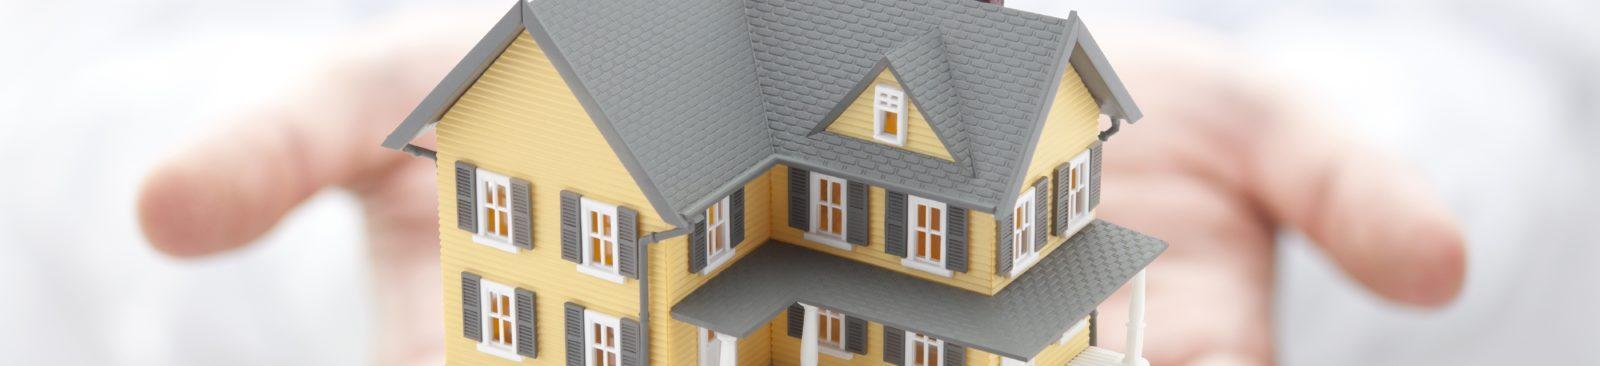 Geschäfts- und Hausversicherung CeliMar